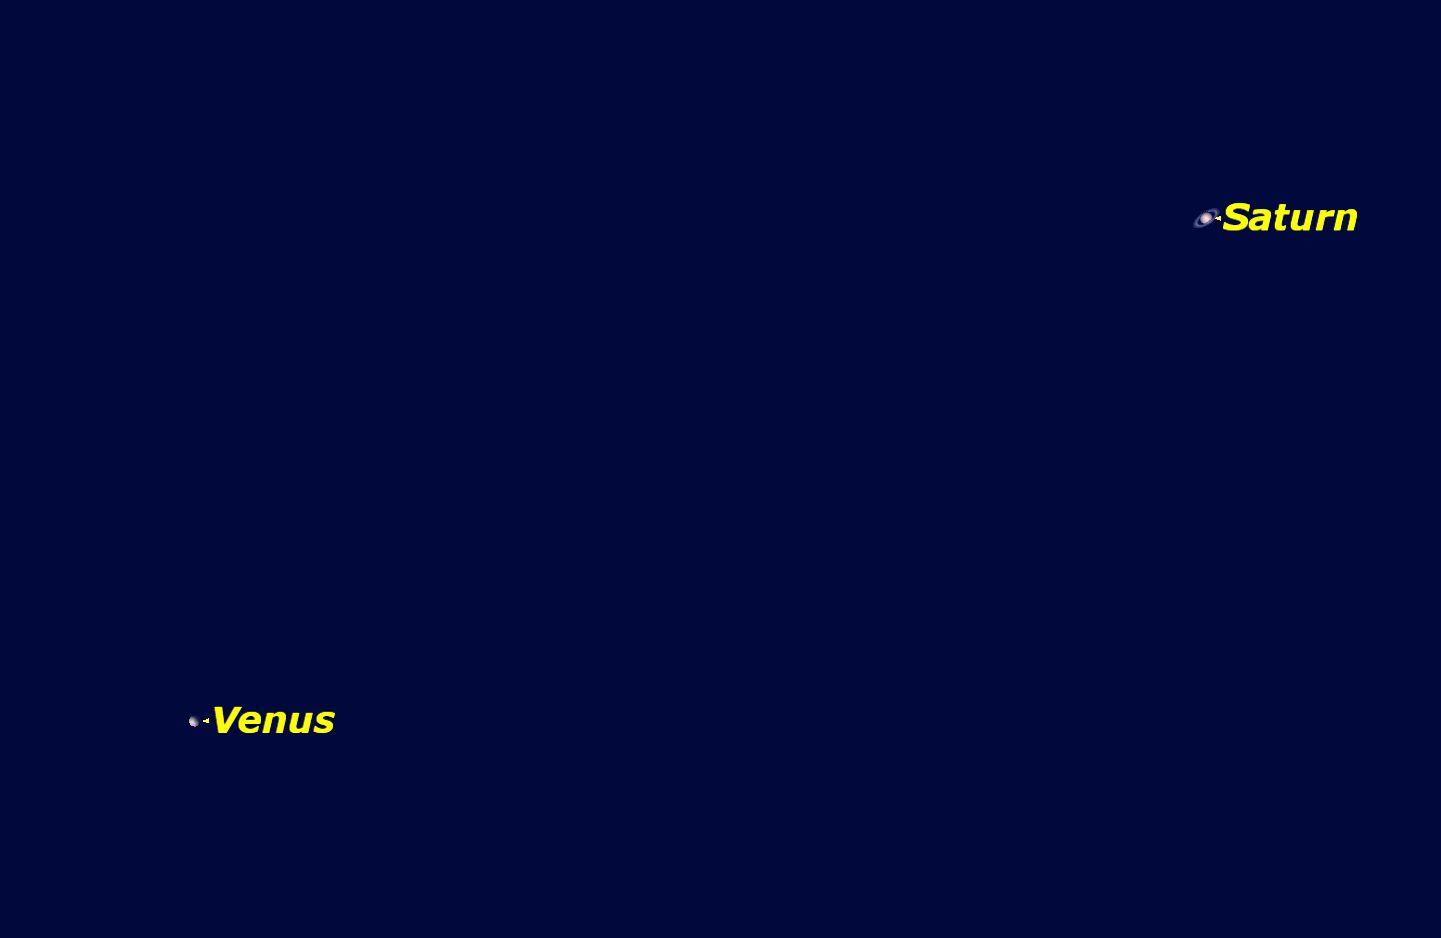 Venus and Saturn, January 2016